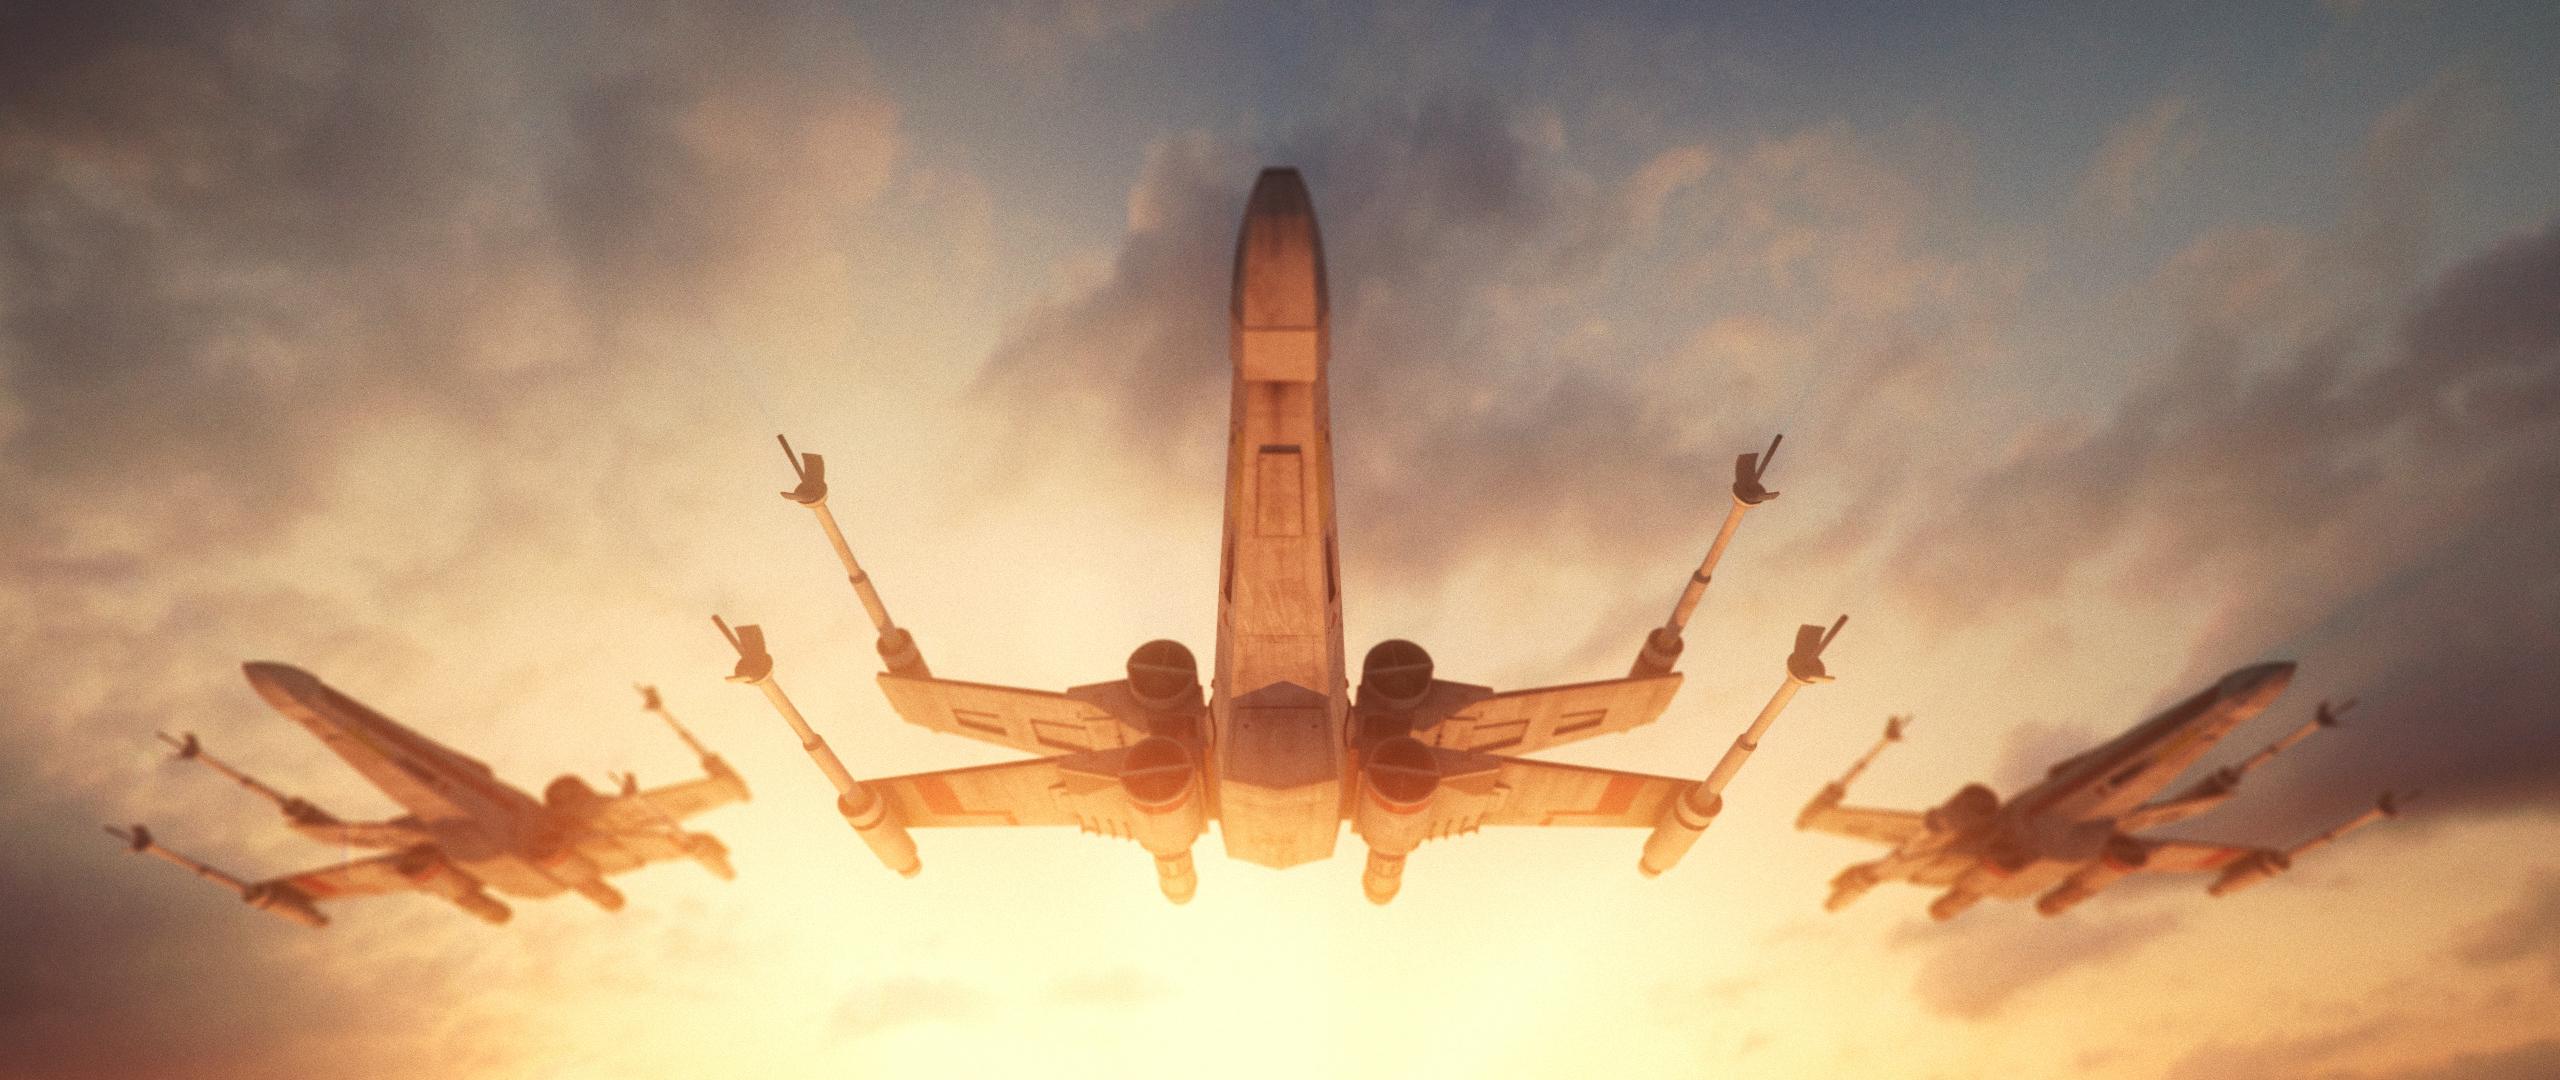 Download 2560x1080 Wallpaper Spacecrafts Star Wars Video Game X